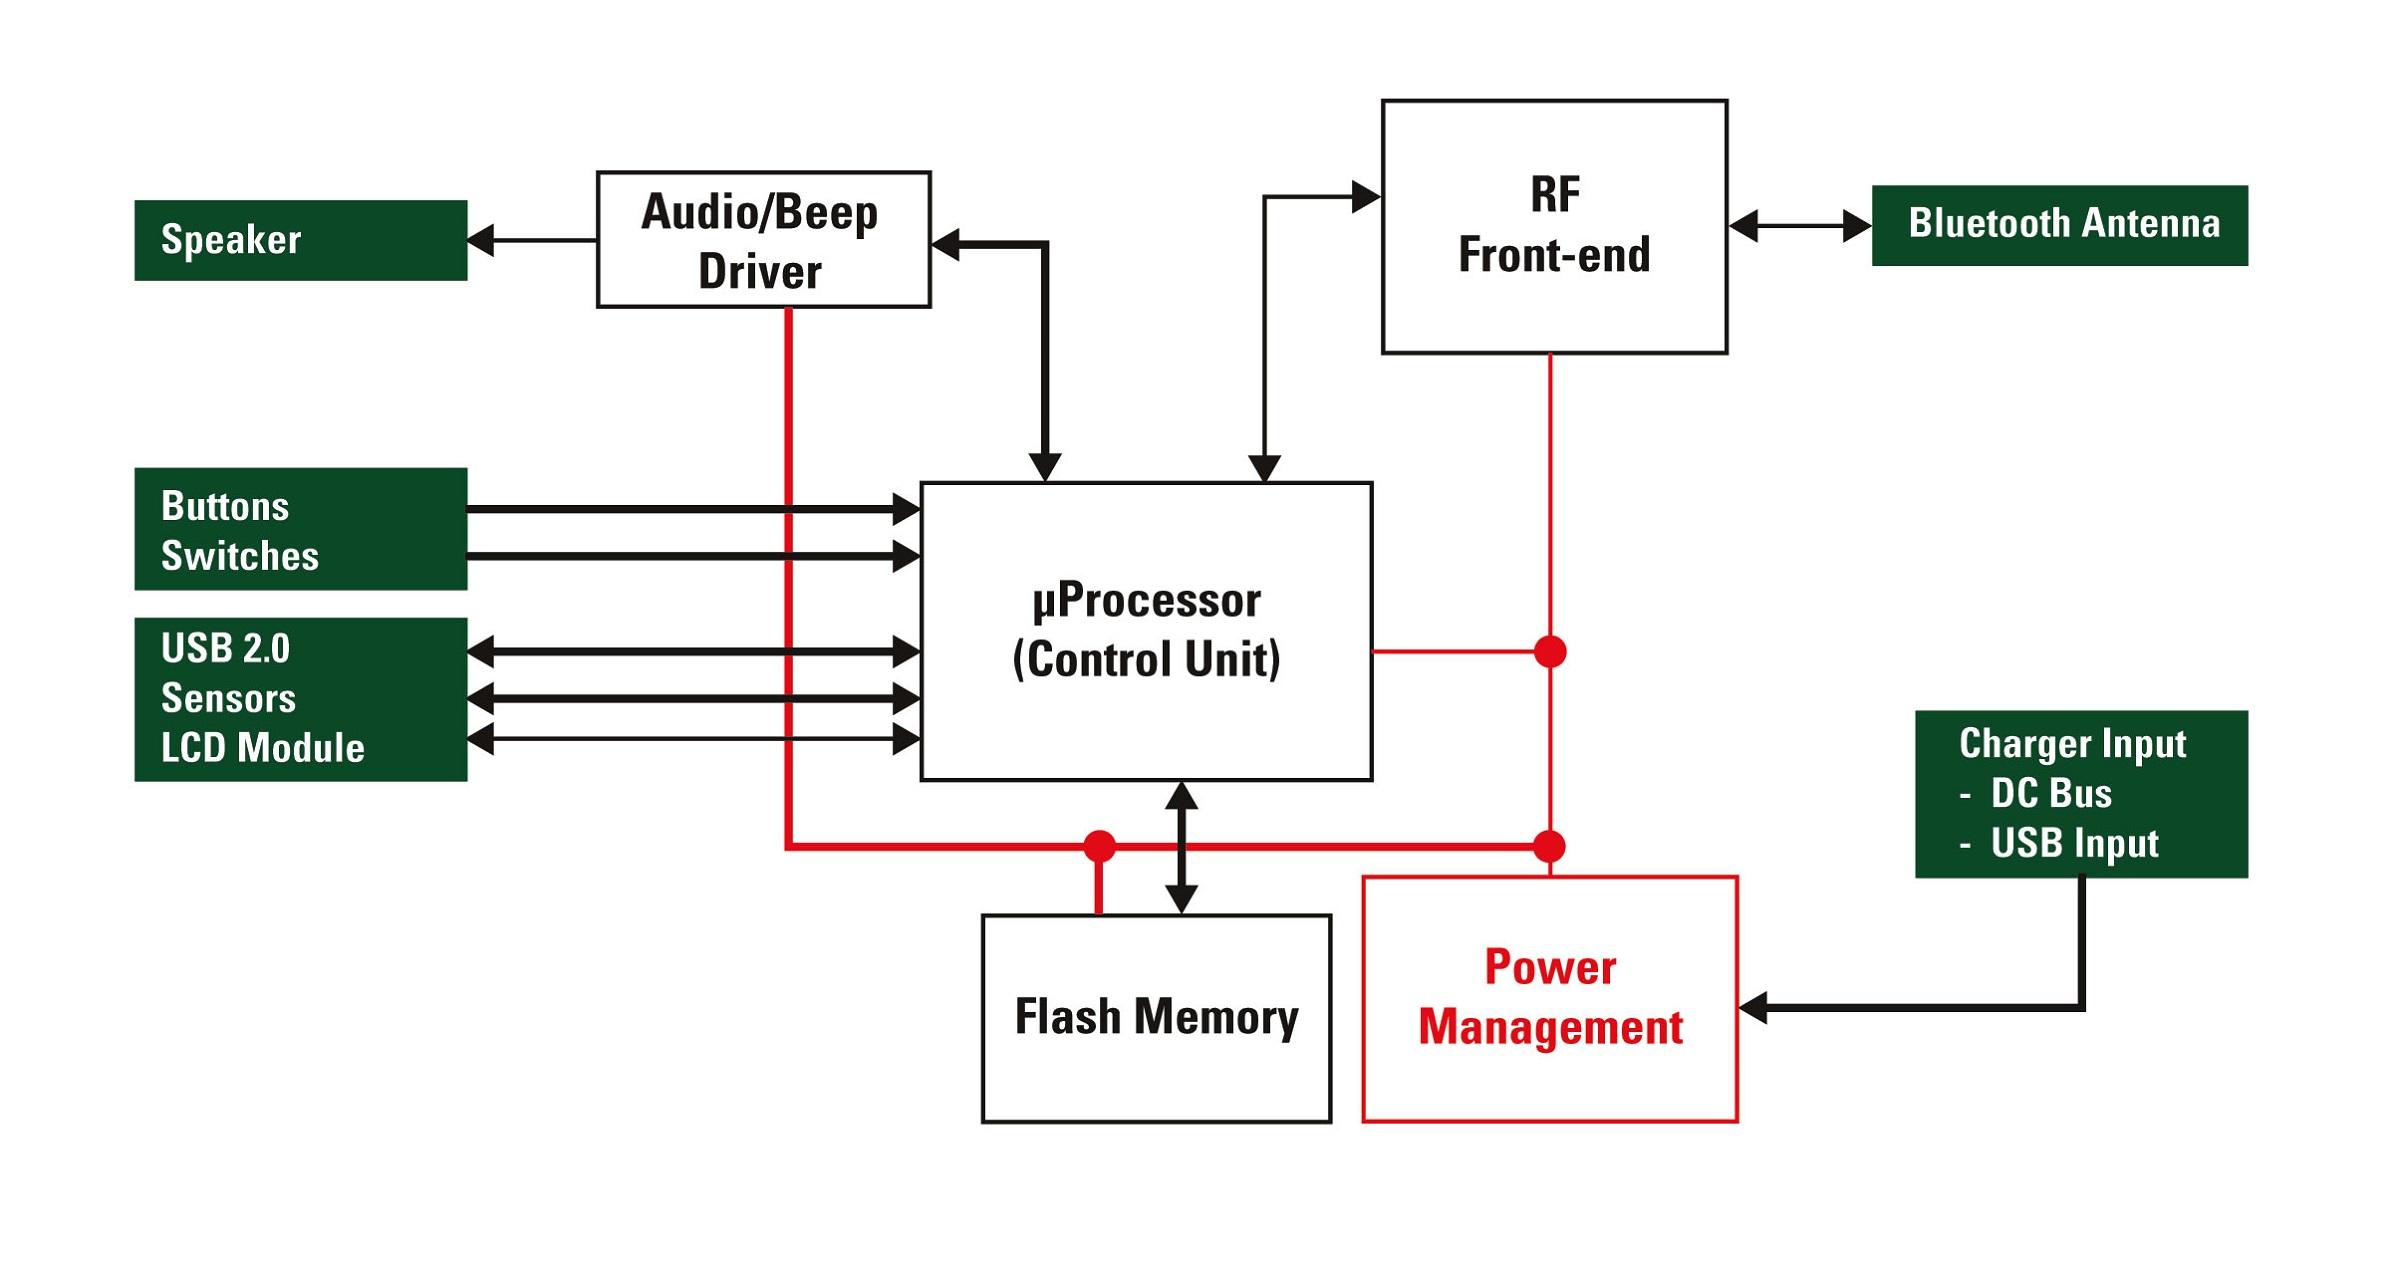 Electrical Block Diagram